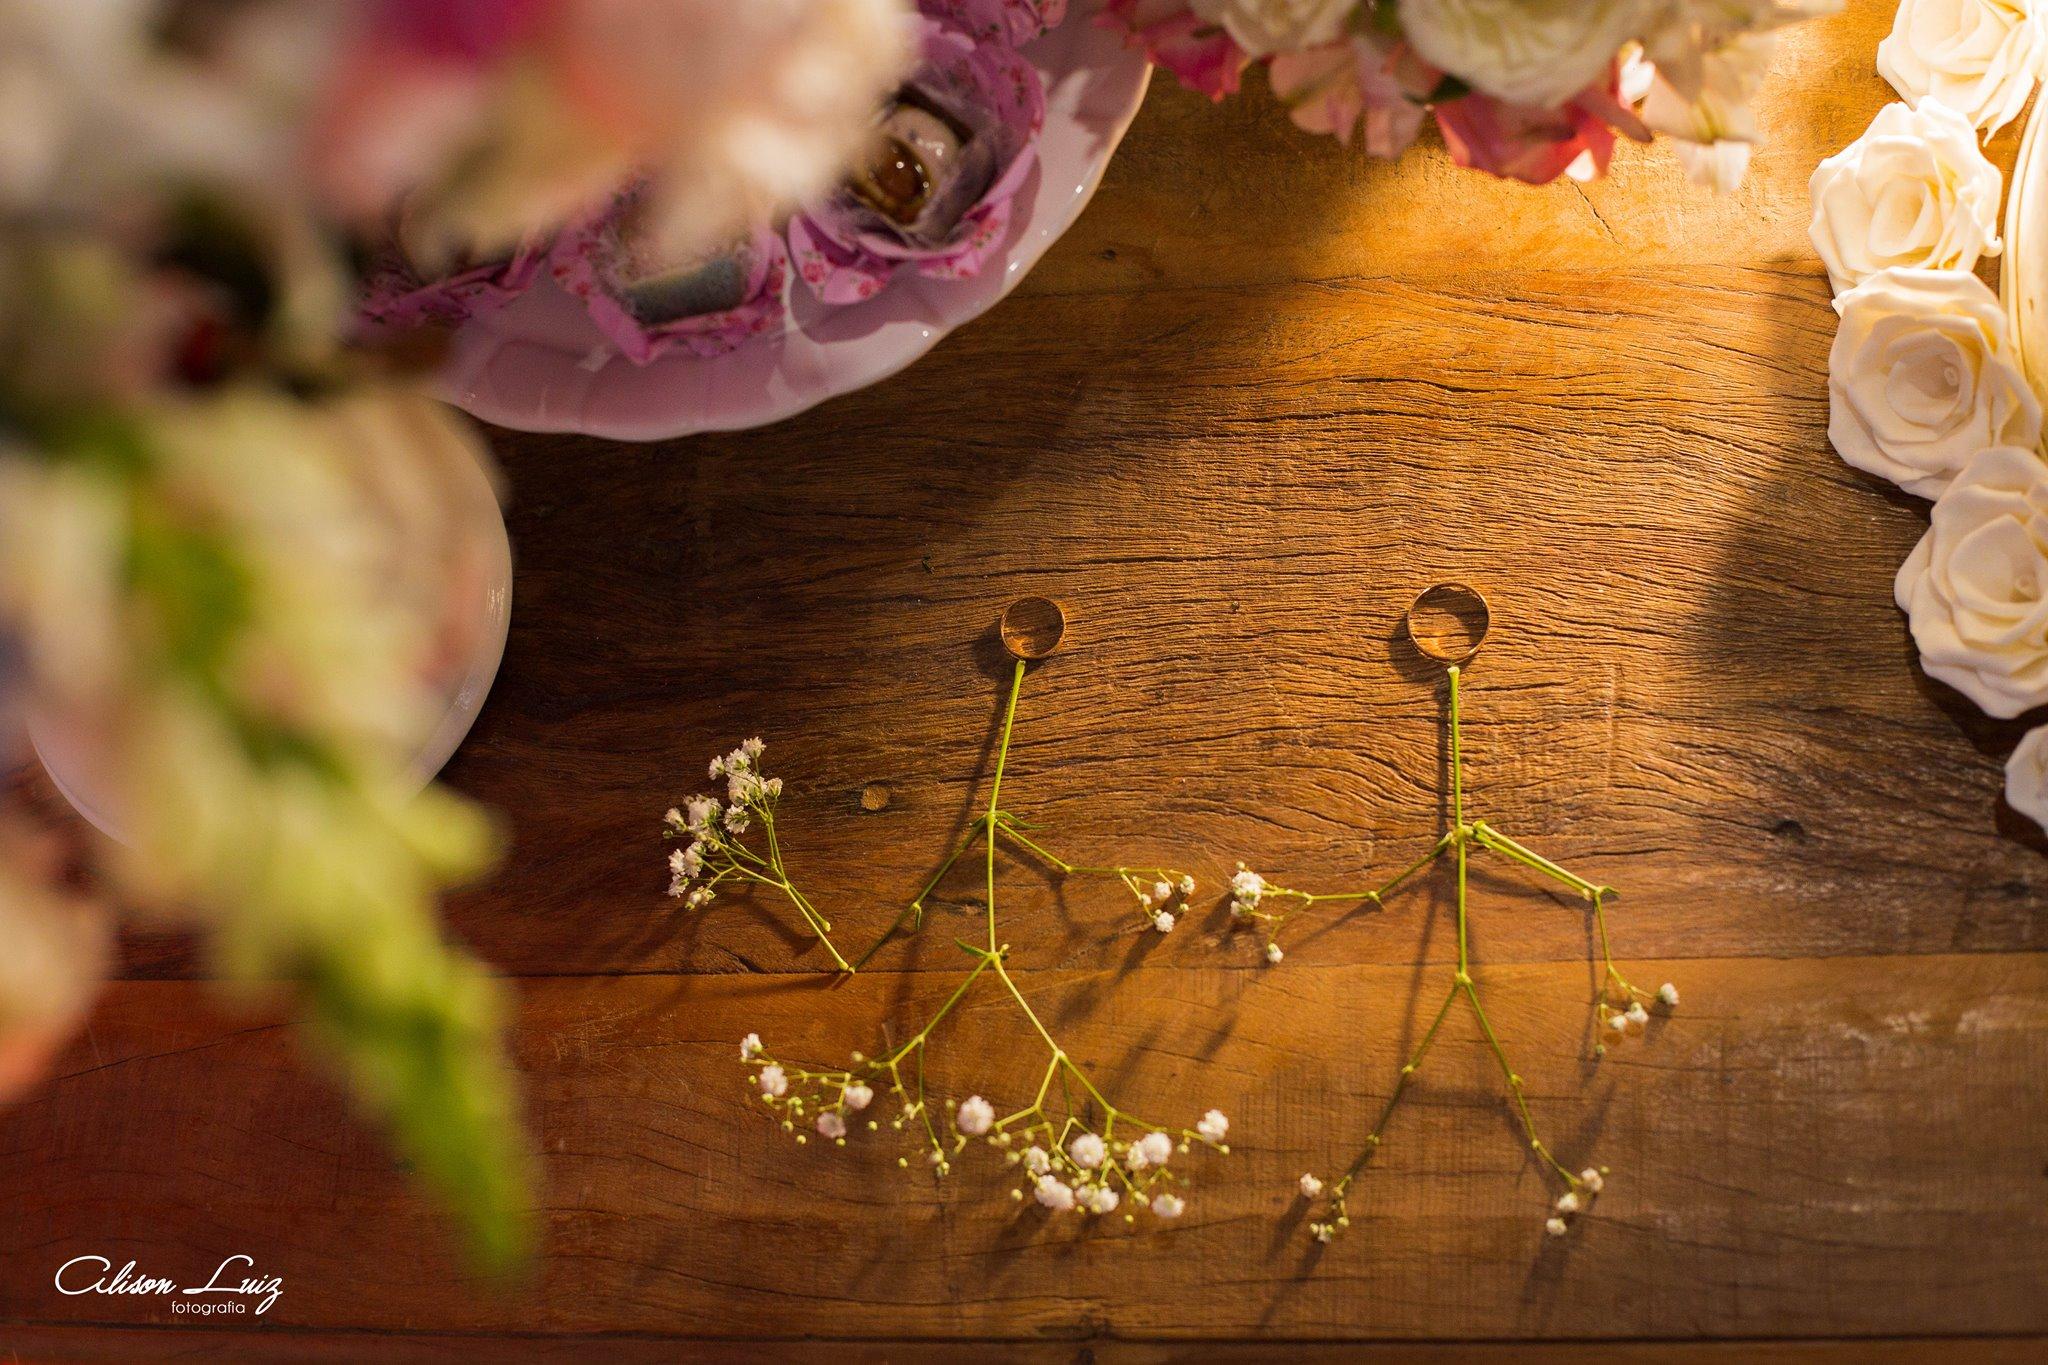 Fotógrafo evangélico registra casamento umbandista e faz lindo relato do que viu 13